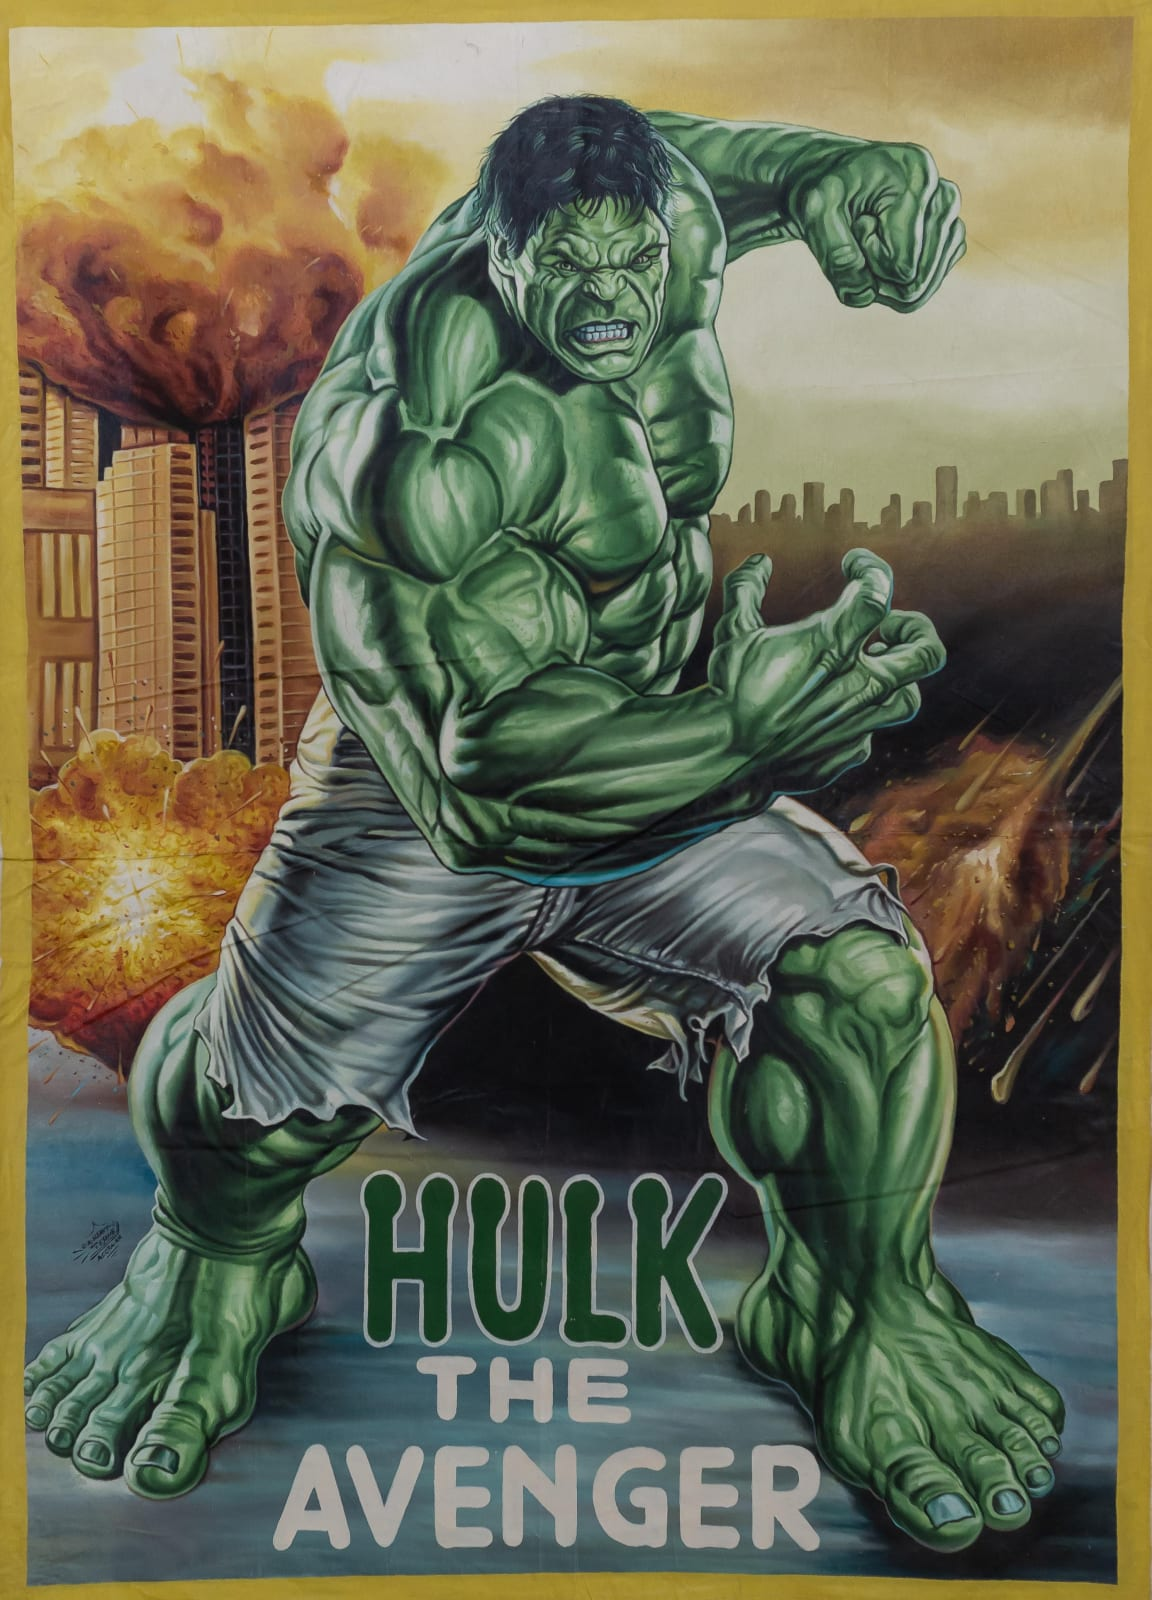 Hulk The Avenger 149.5 x 108 cm